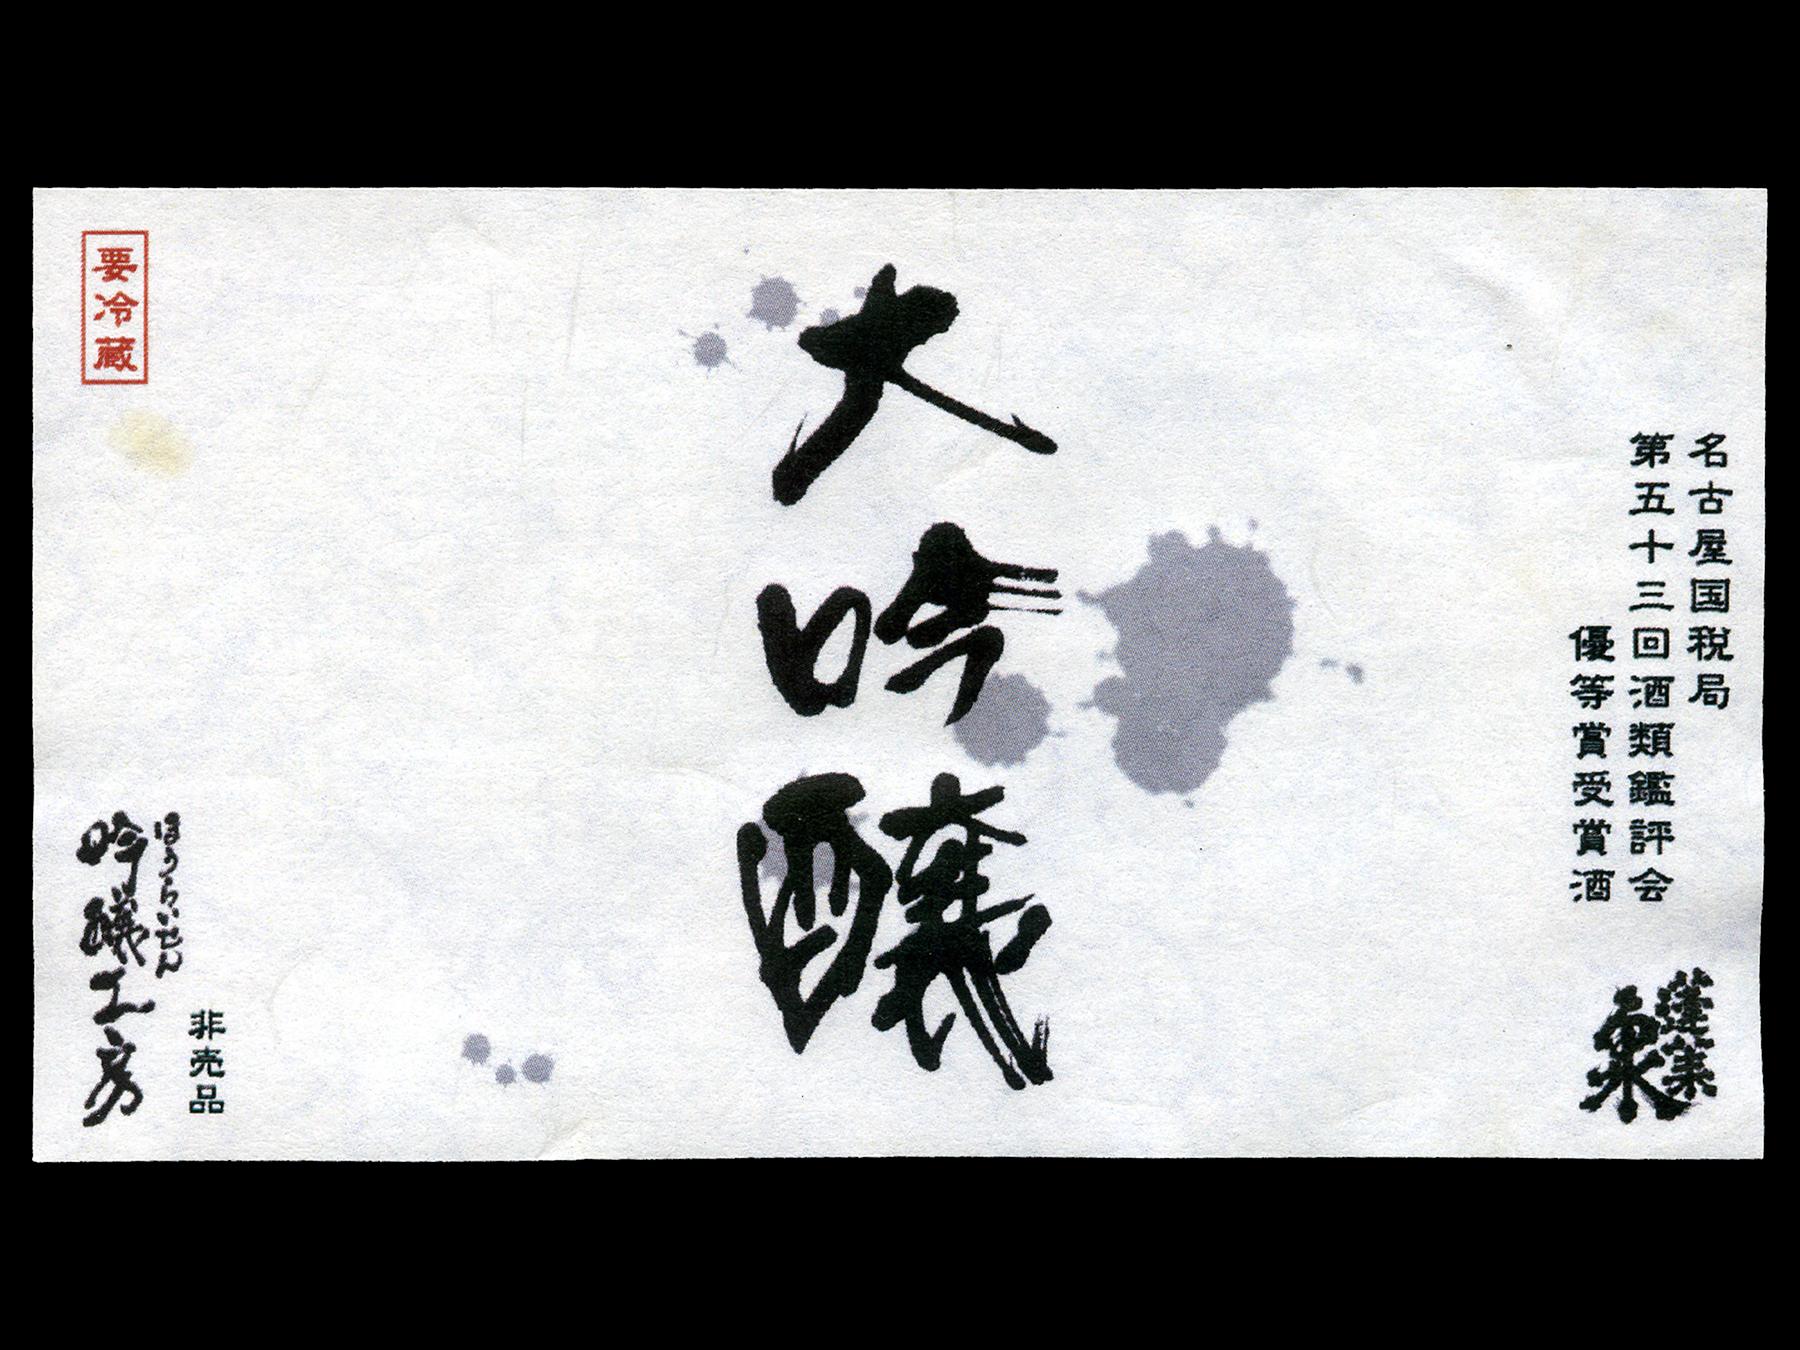 ほうらいせん吟醸工房(ほうらいせんぎんじょうこうぼう)「大吟醸」名古屋国税局優等賞受賞酒H16BYラベル